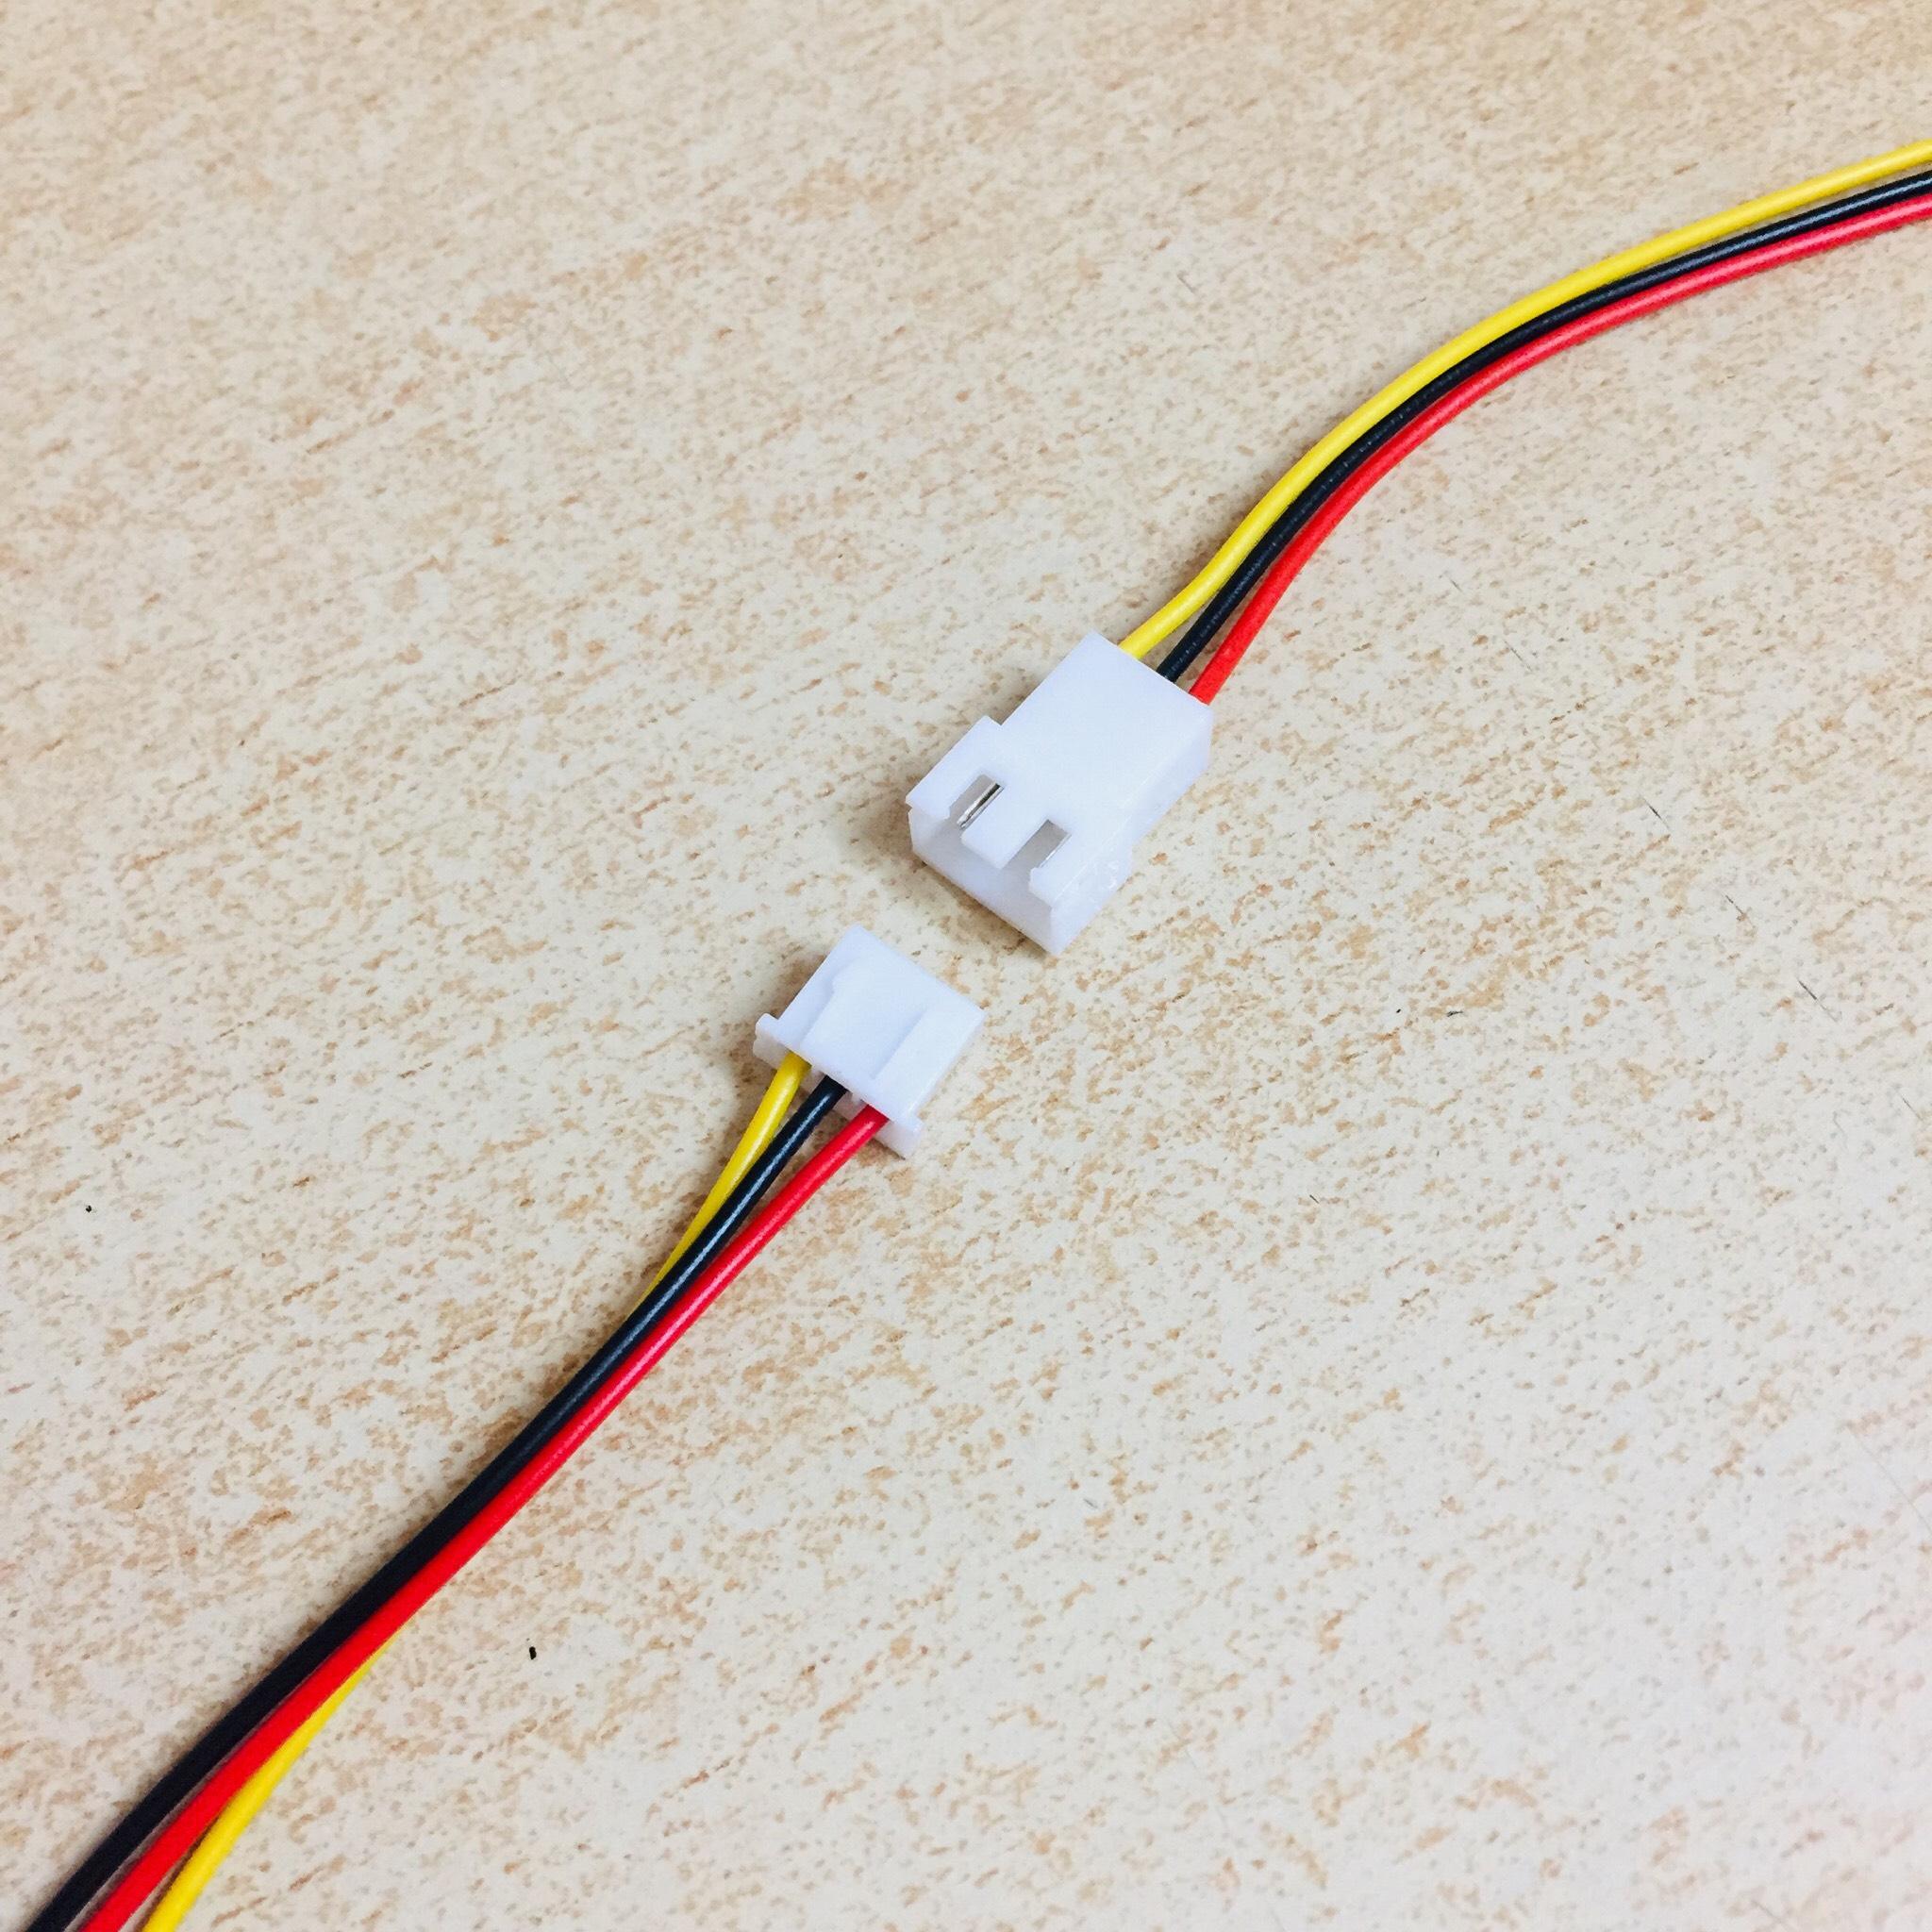 Cặp dây nối đực cái jack 3p dài 10cm đến 20cm dành để chế tạo